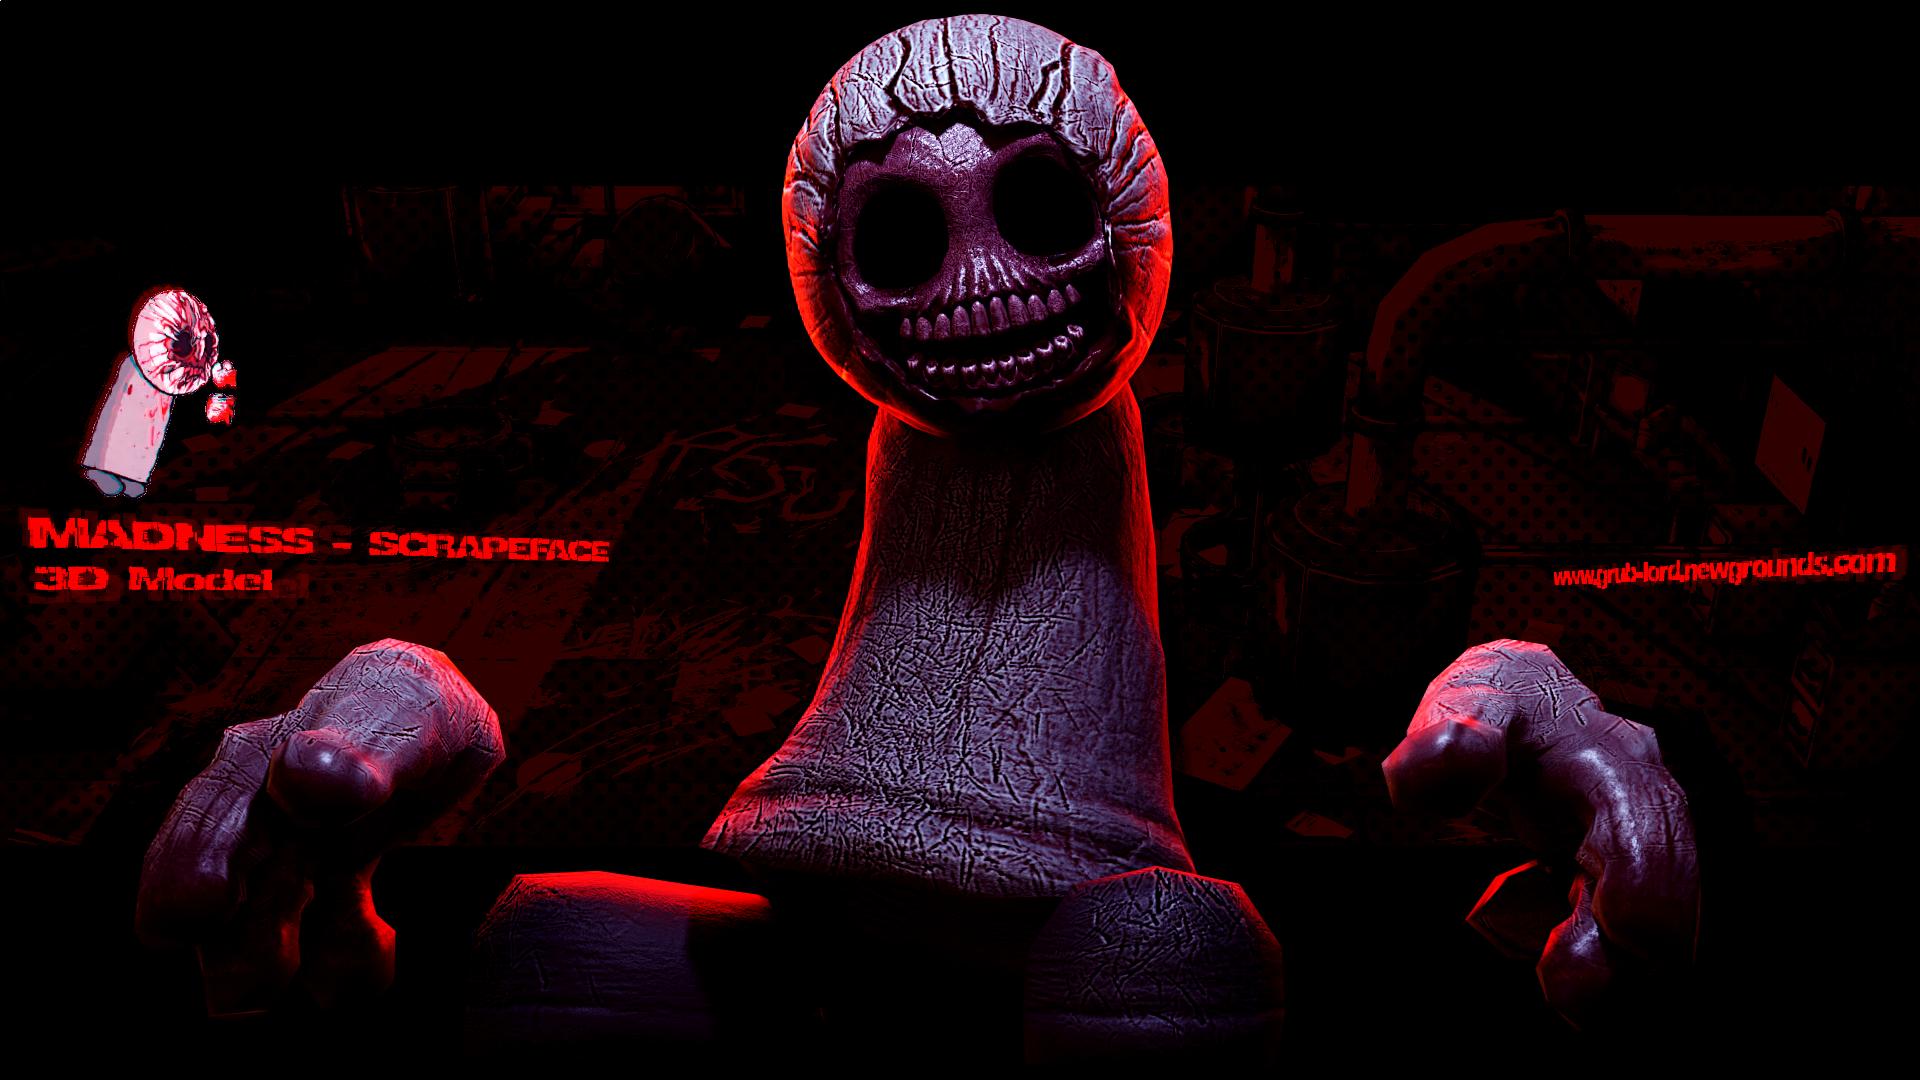 MADNESS - SCRAPEFACE 3D